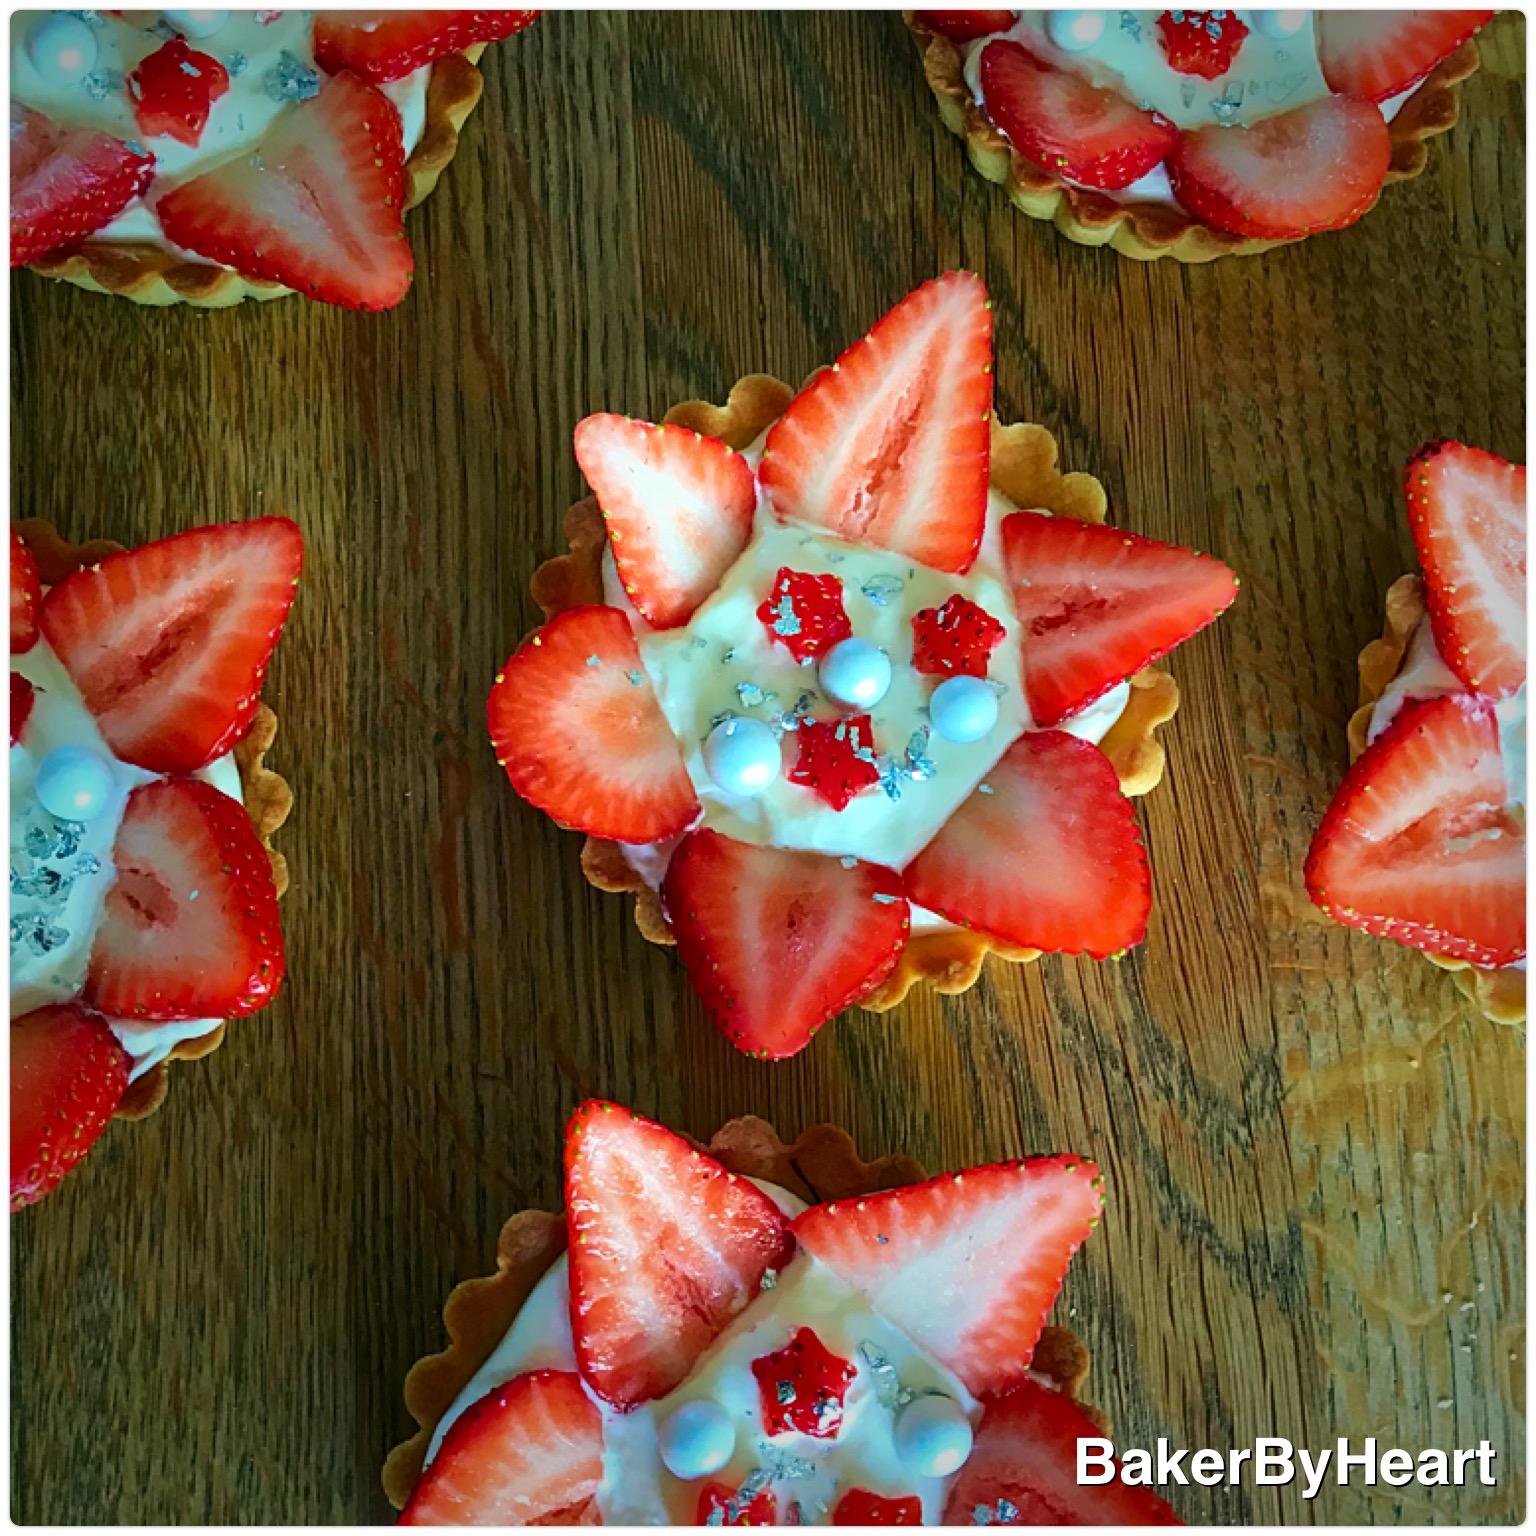 Jordbærtærter med fløjlsblød hyldeblomstcreme